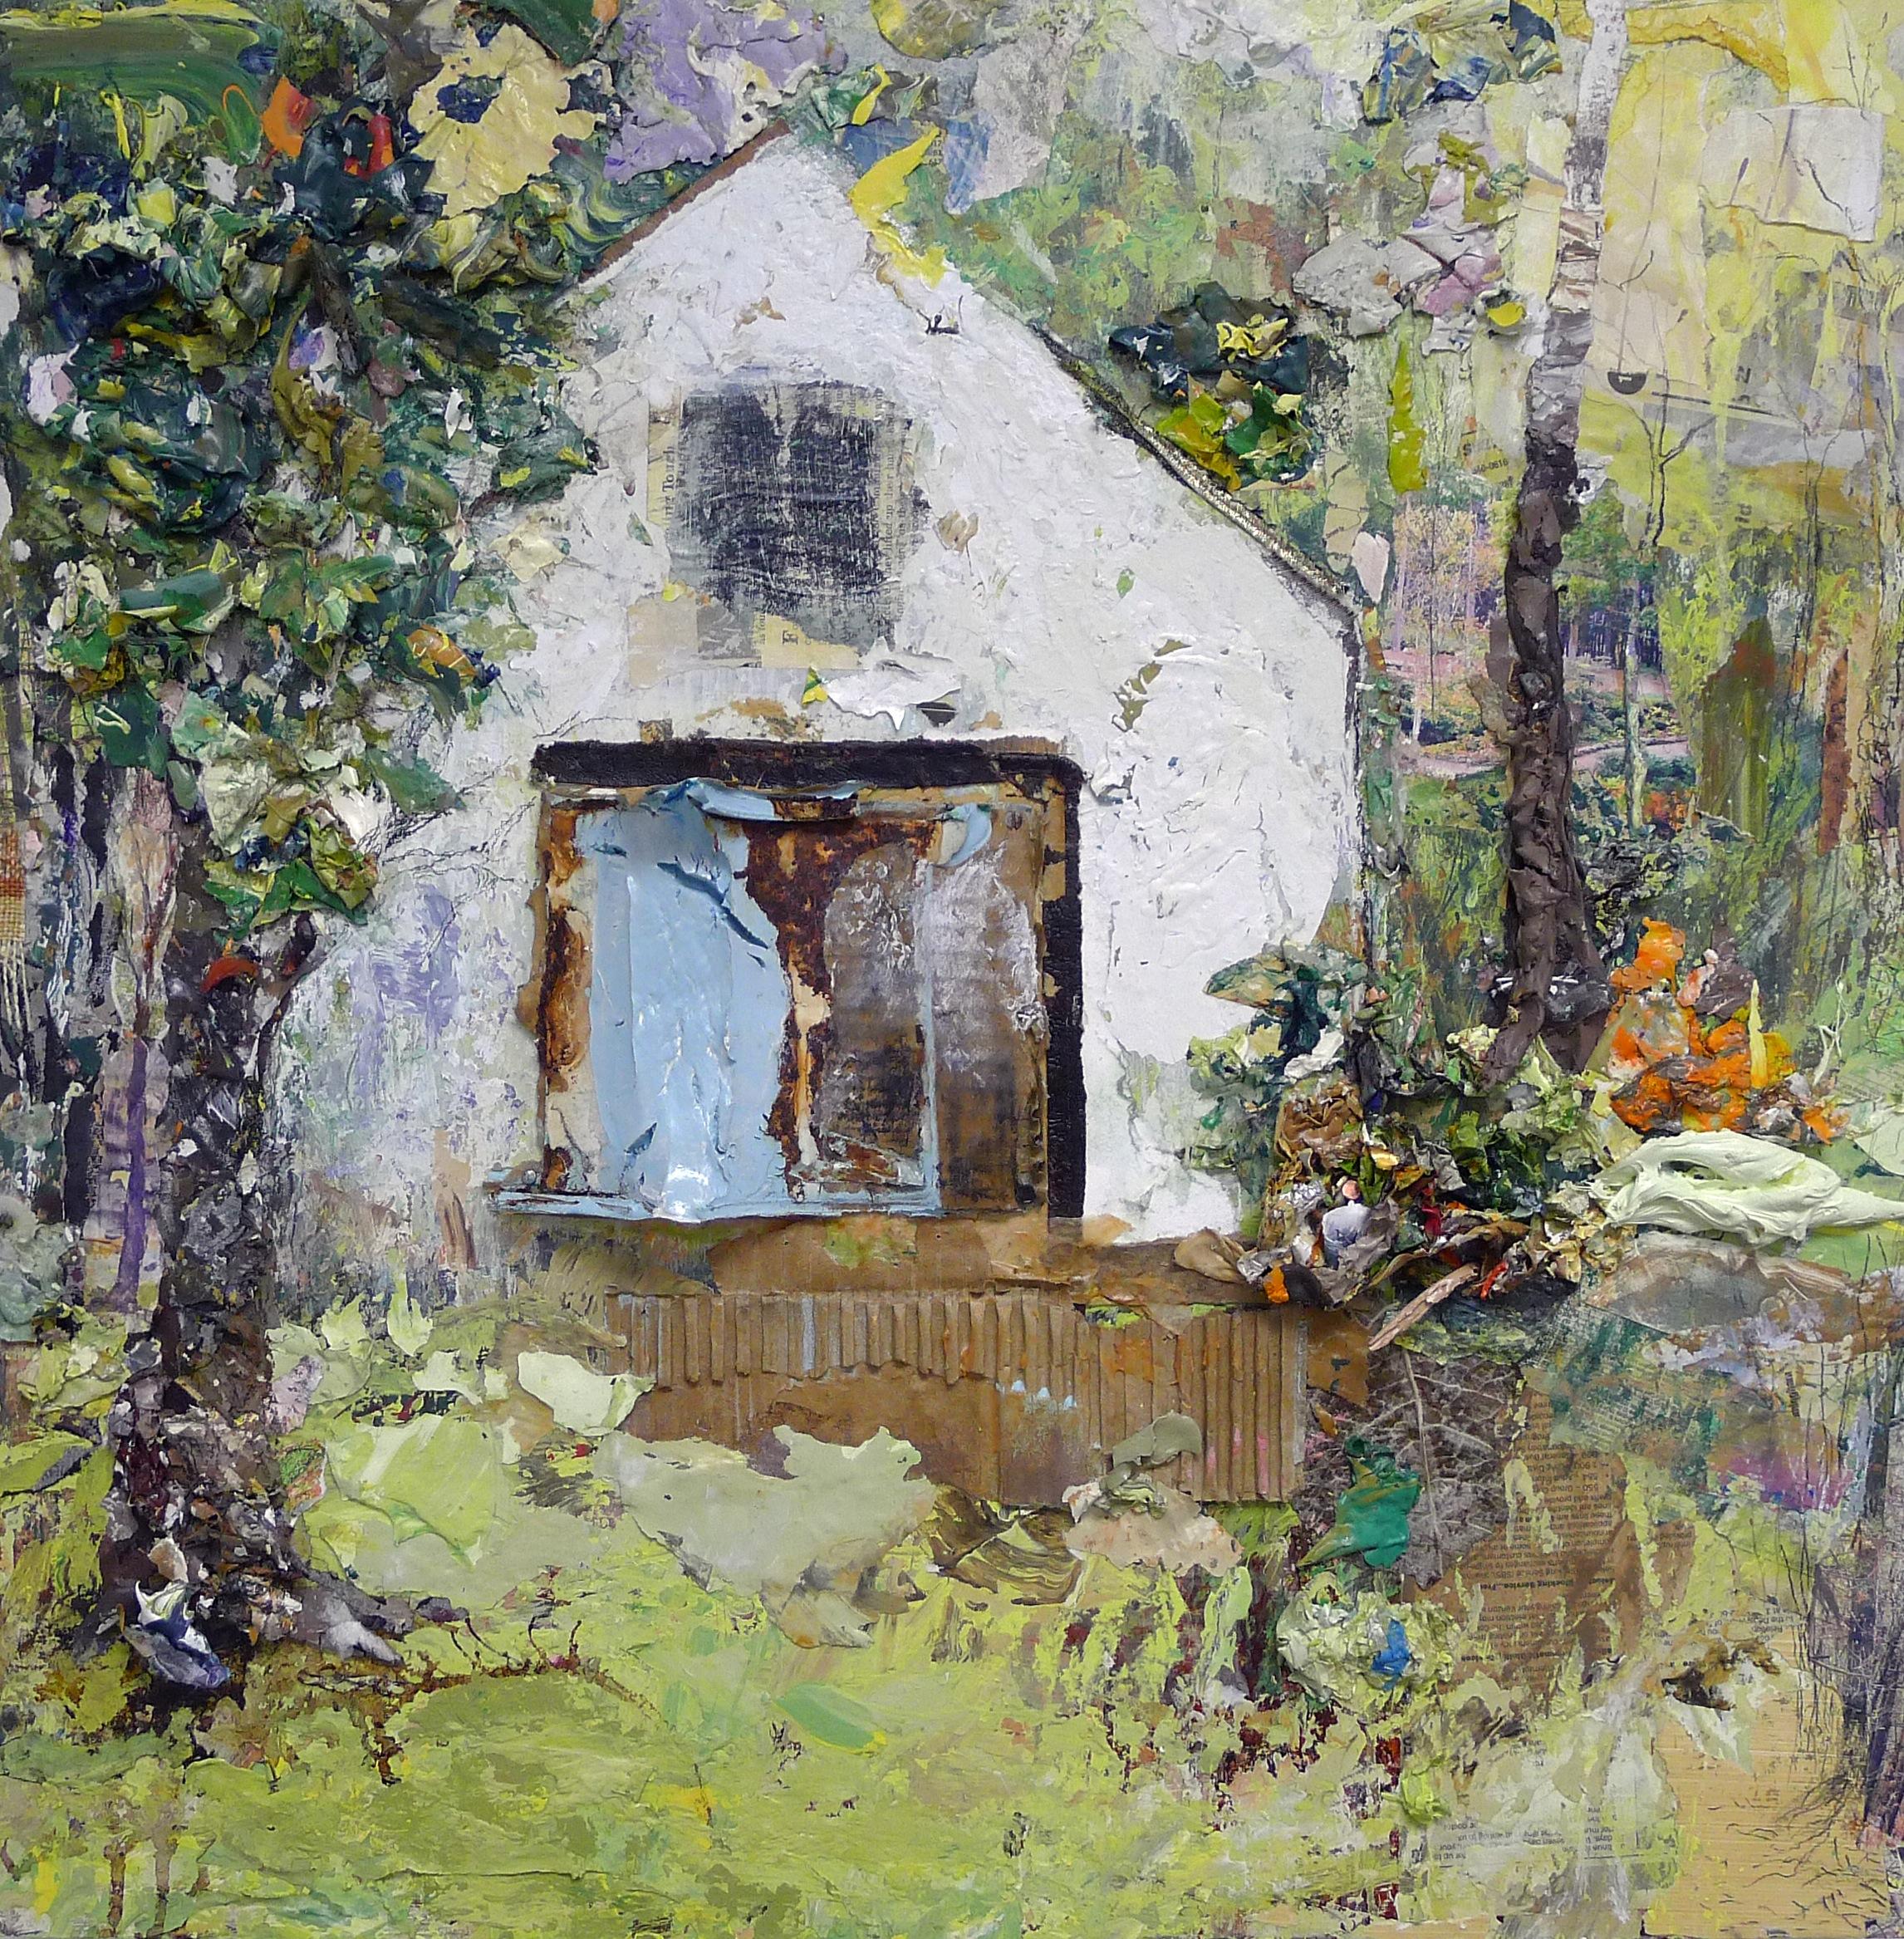 barn-series-blue-door